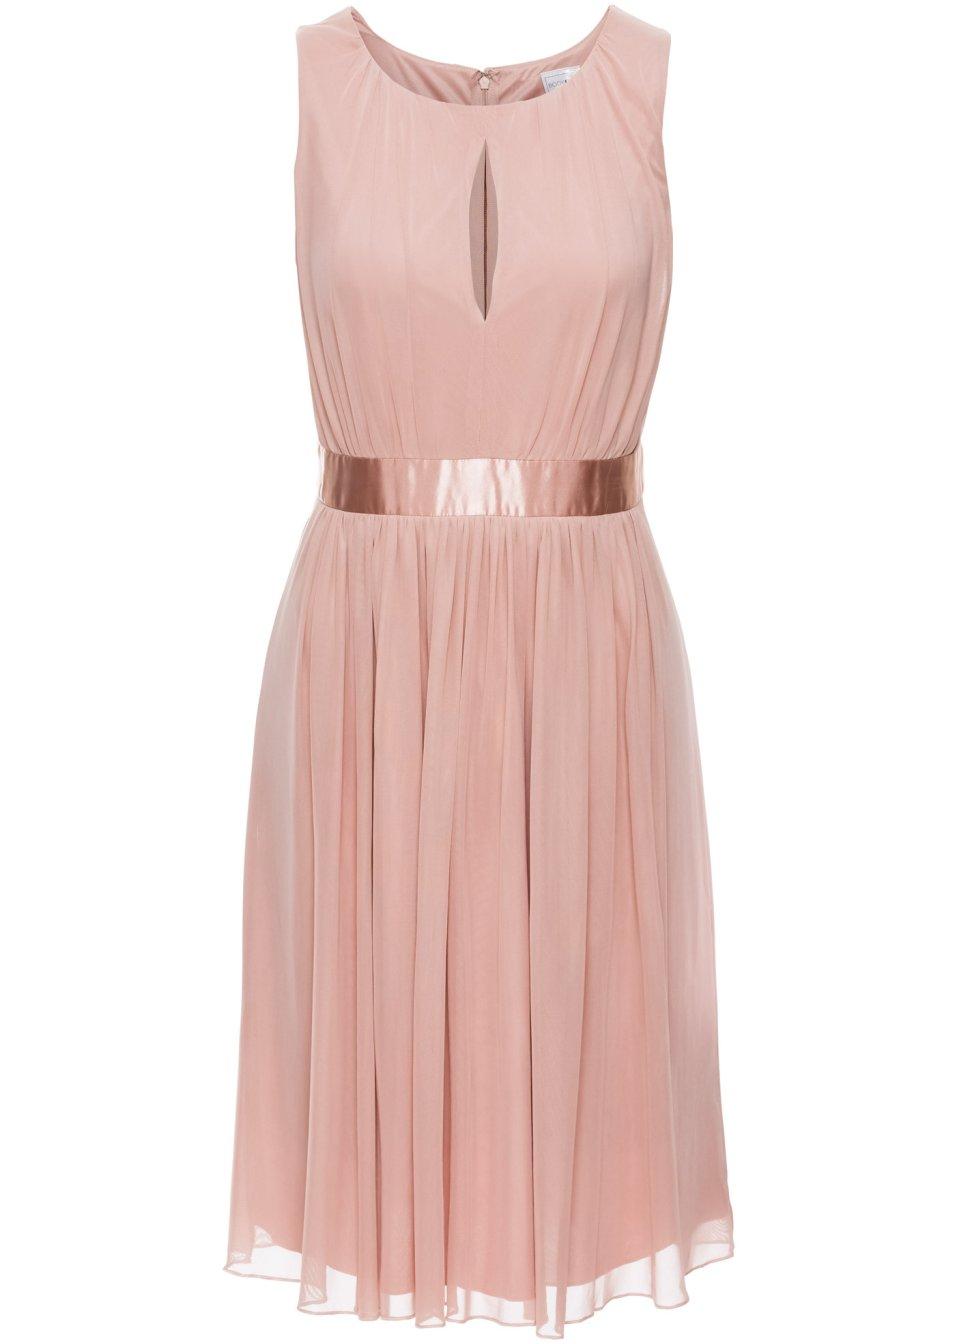 e71a88a20130 Robes roses bonprix - La mode à petit prix!